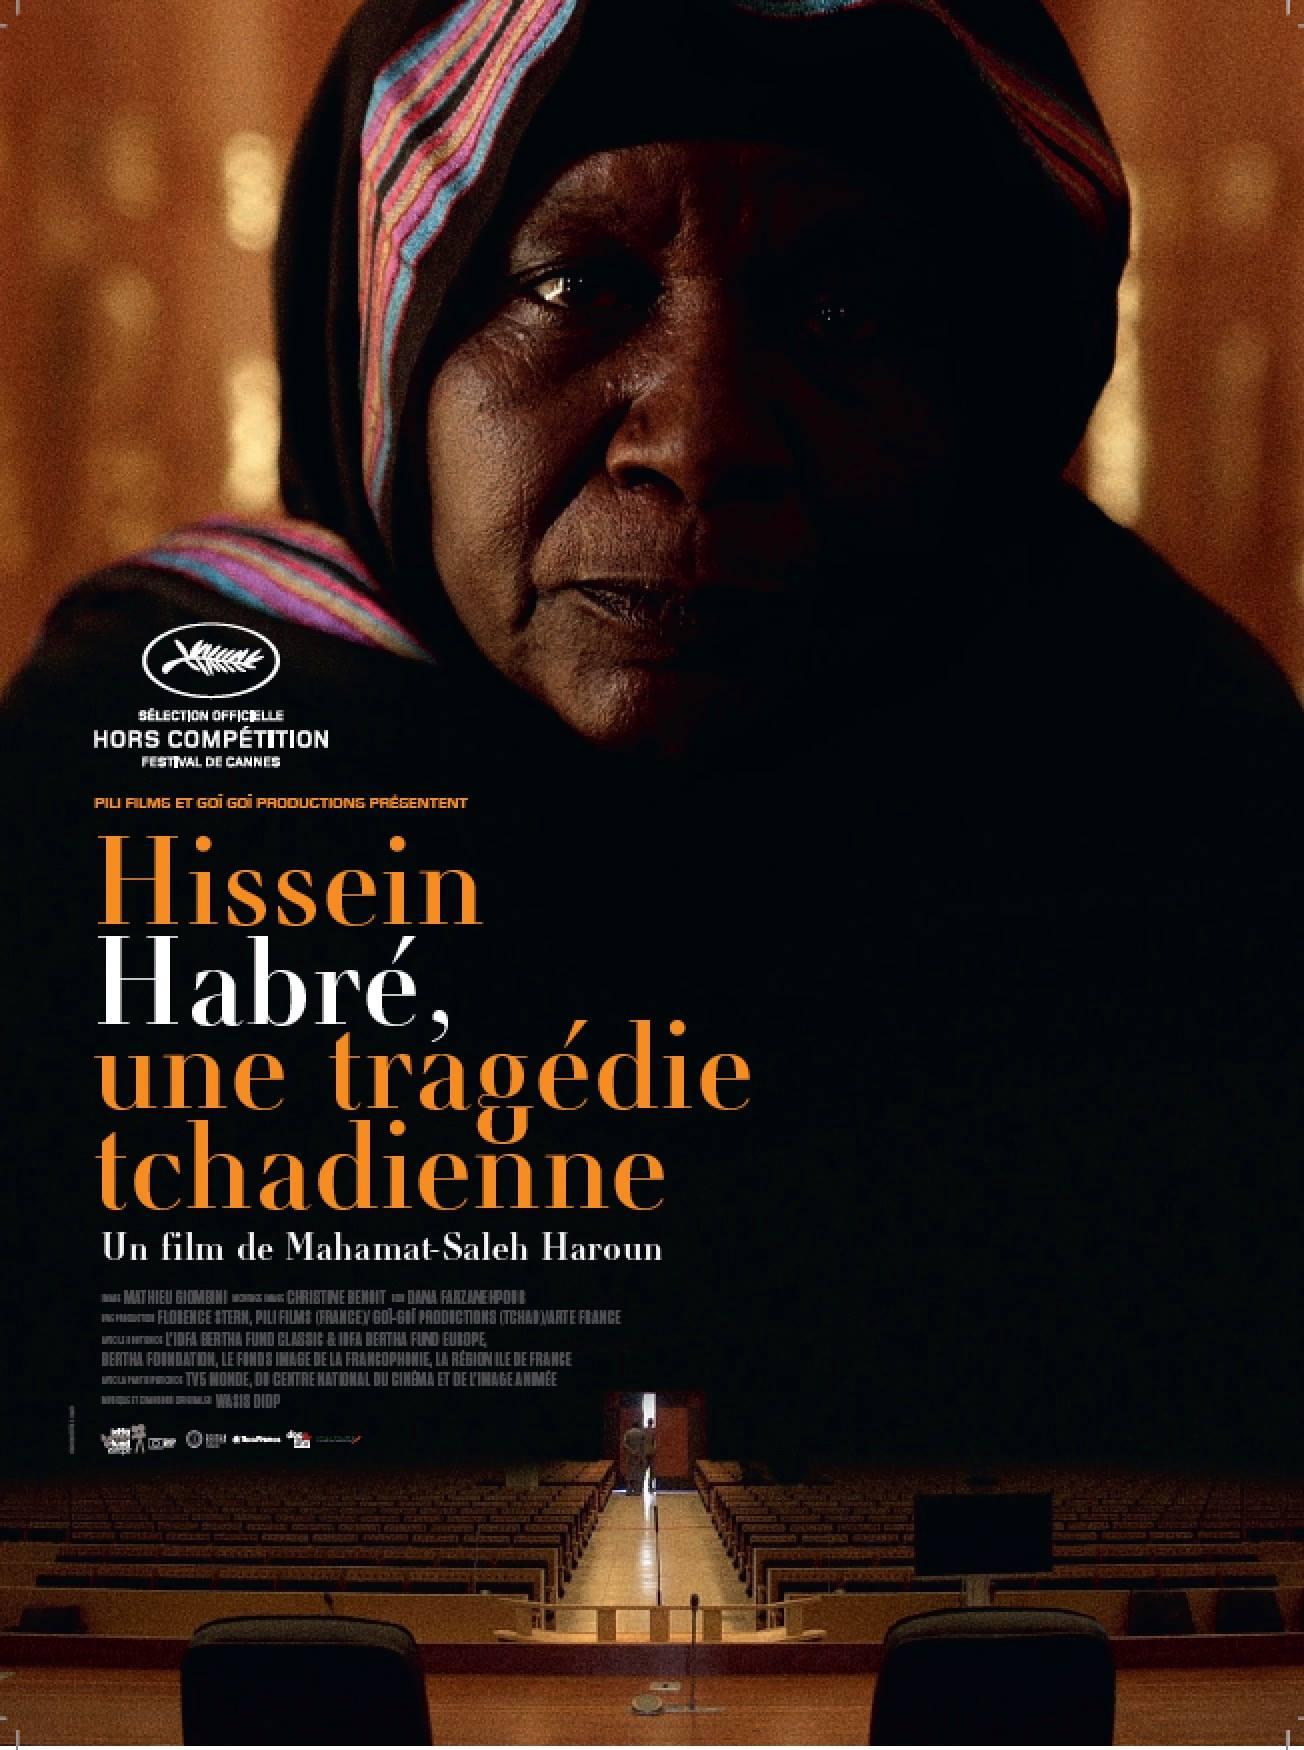 Cinéma : Le film de Mahamat Saleh Haroun sur la tragédie HH, projeté aujourd'hui au cinéma Le Normandie